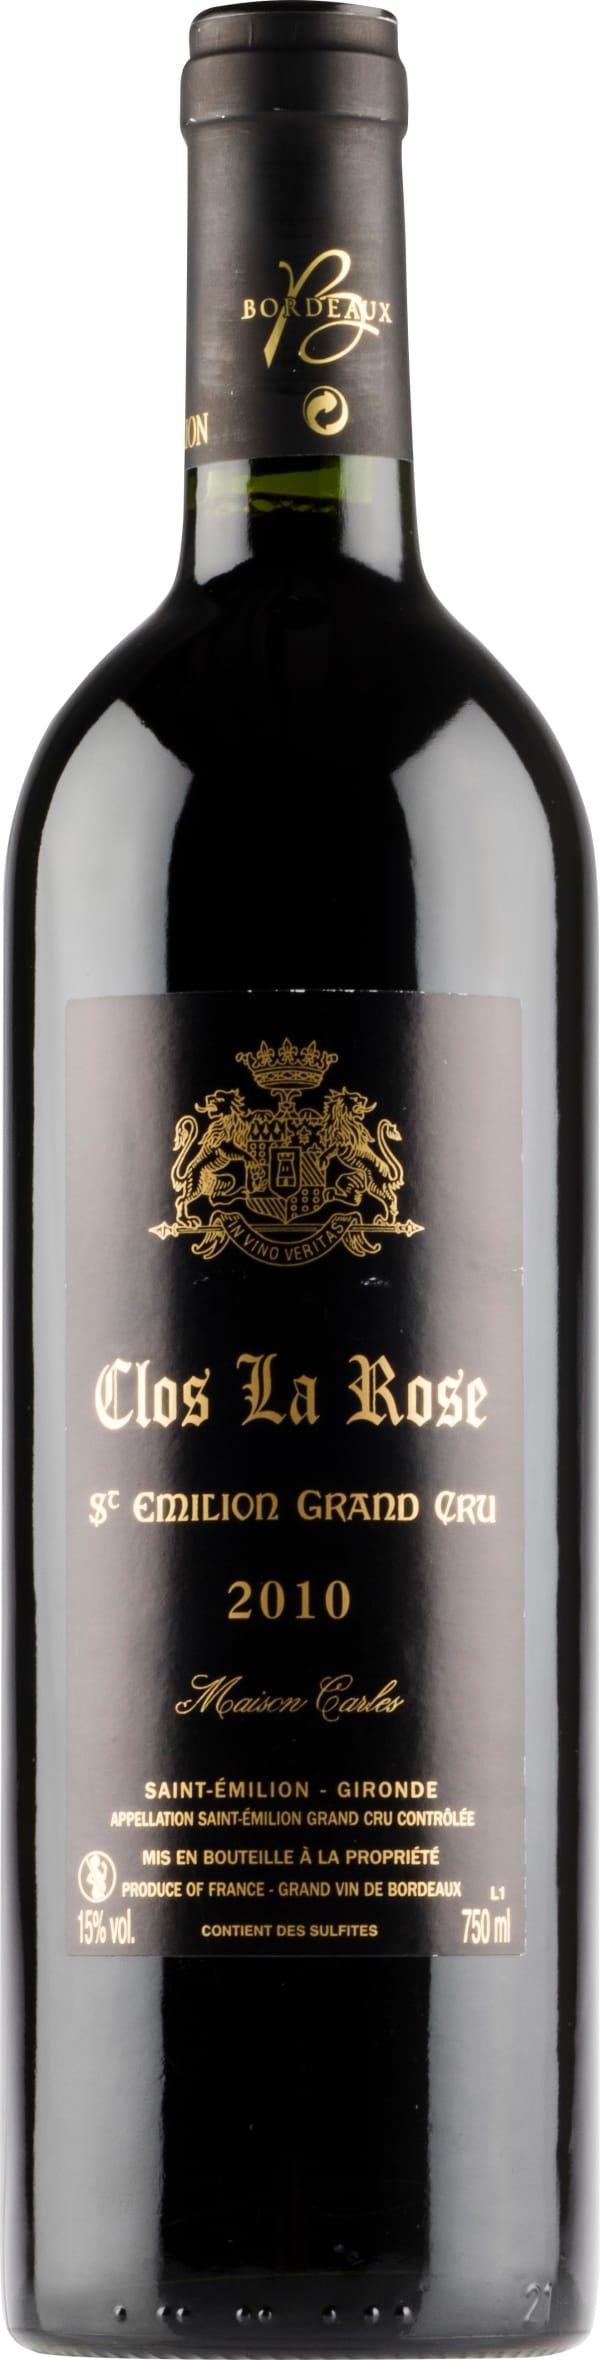 Clos La Rose 2010